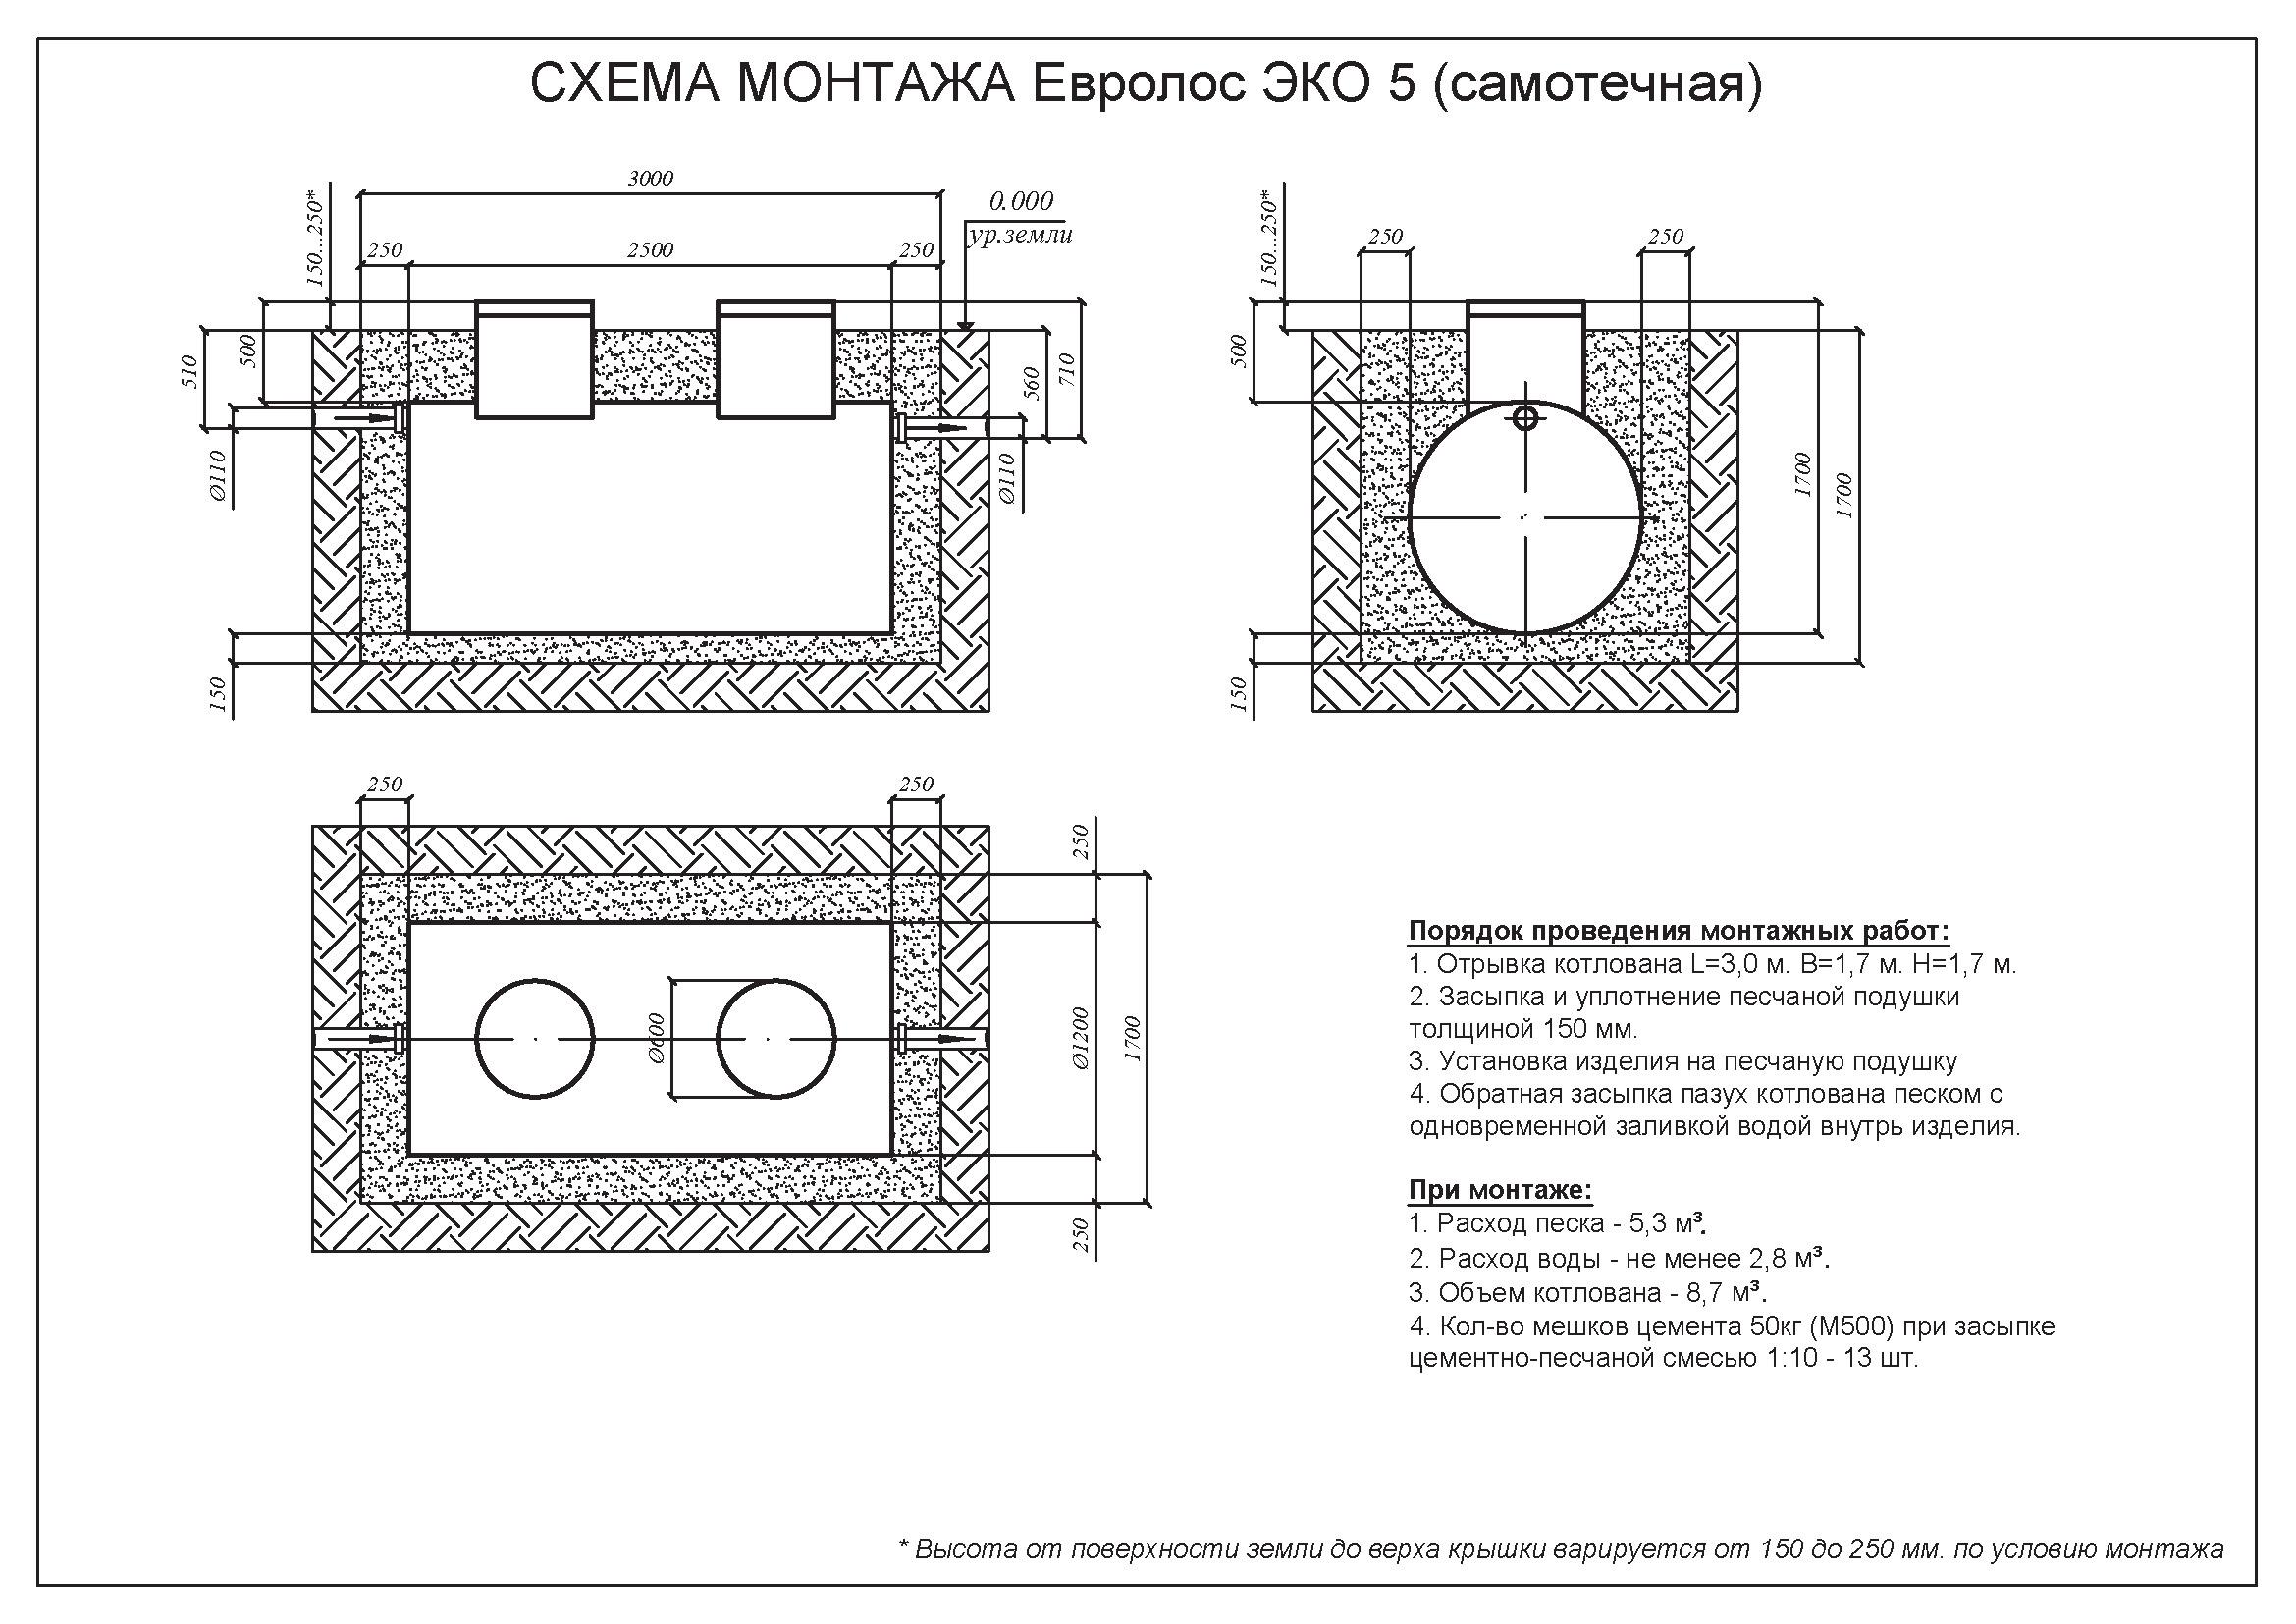 Монтажные схемы Евролос Эко_Страница_3